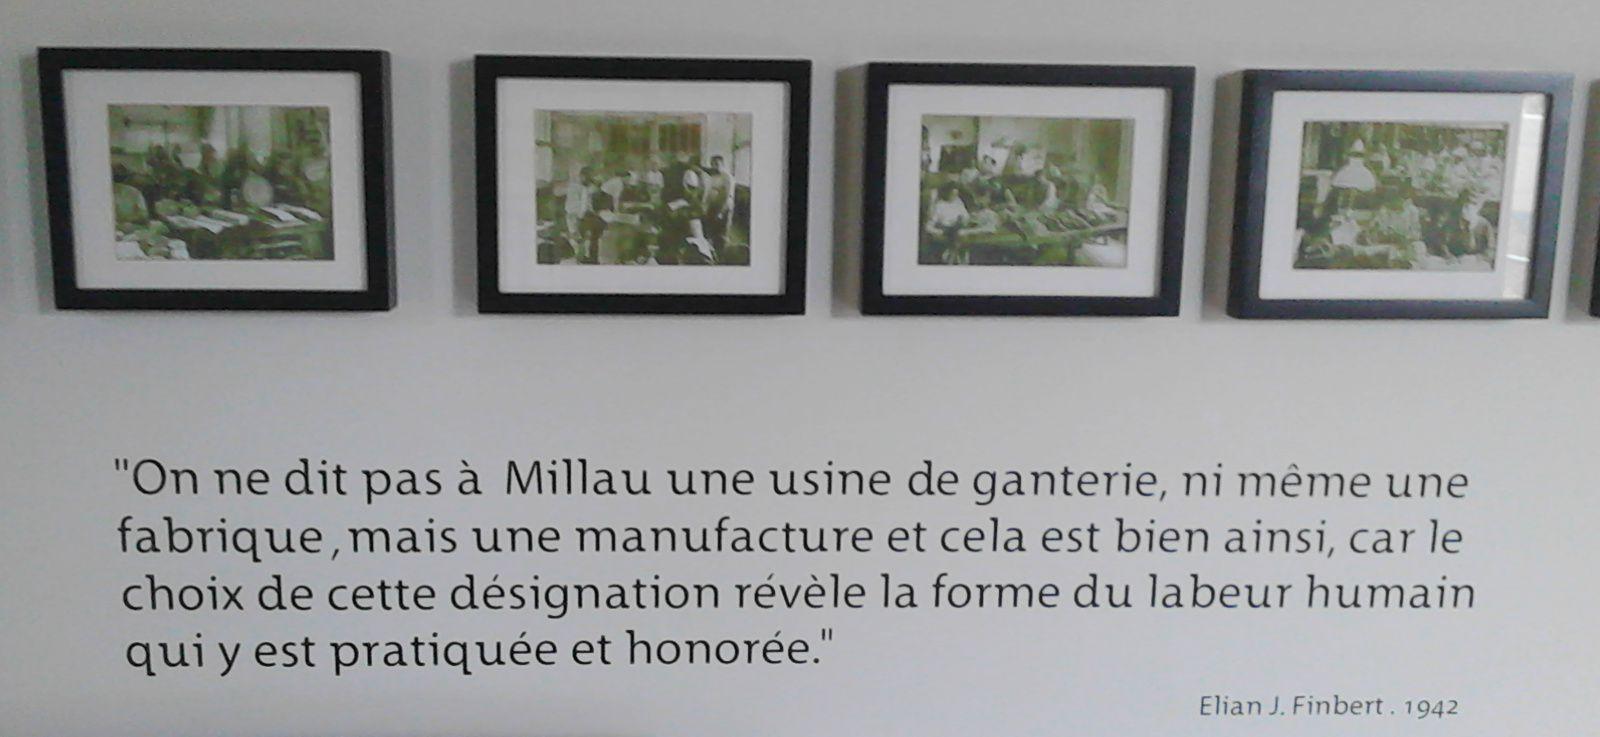 Peyreleau et découverte de Millau